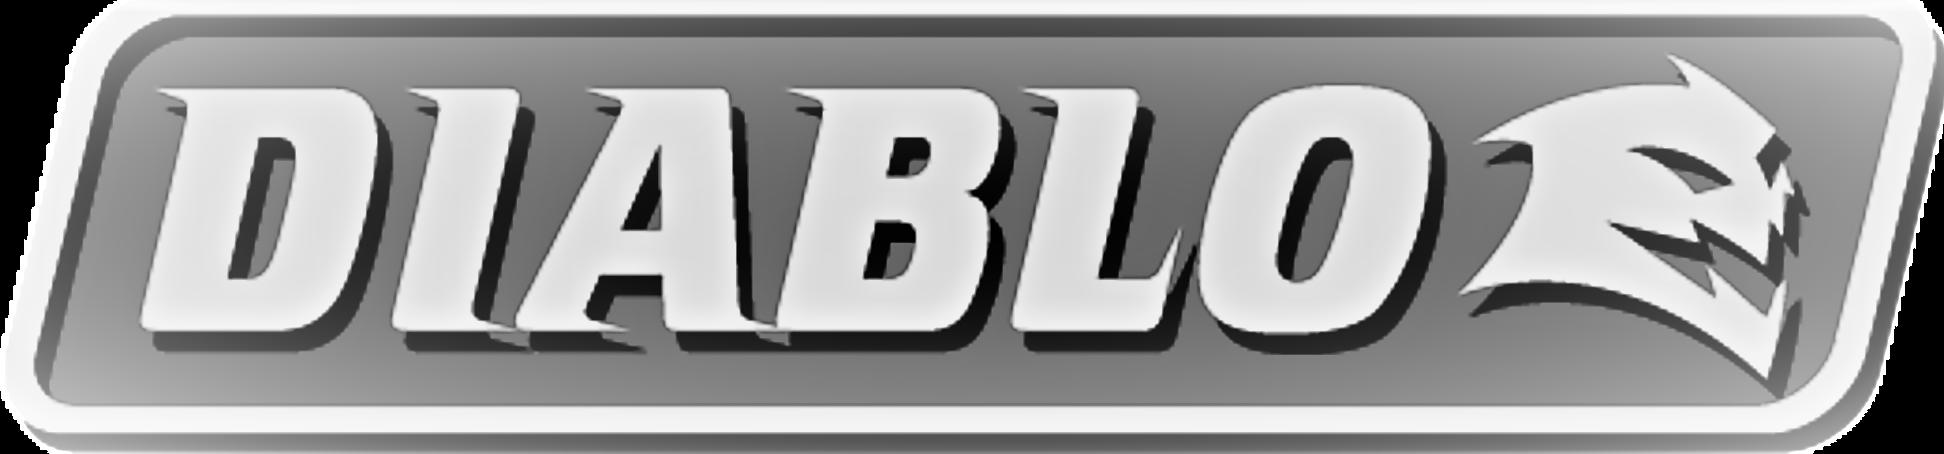 diablo_Main-Image (2).png